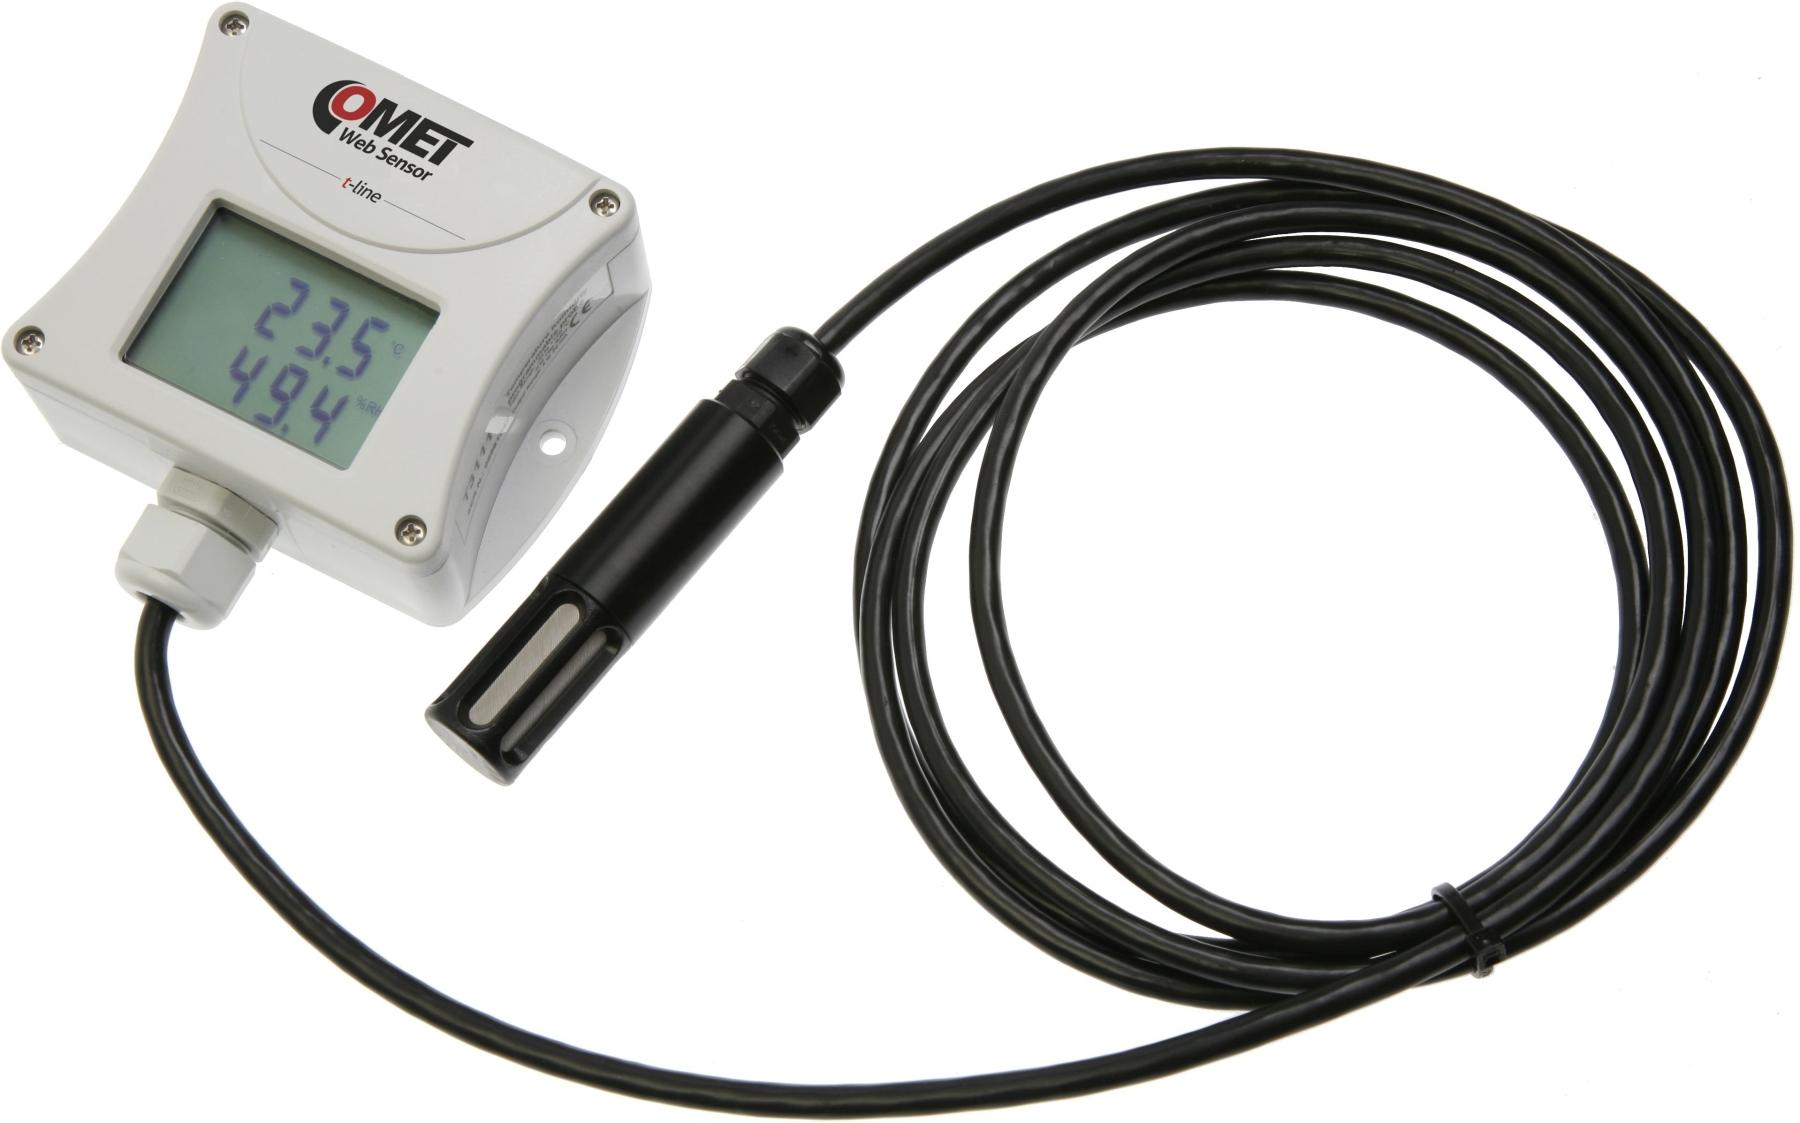 Comet Web Sensor T3511 - snímač teploty a vlhkosti s výstupem Ethernet